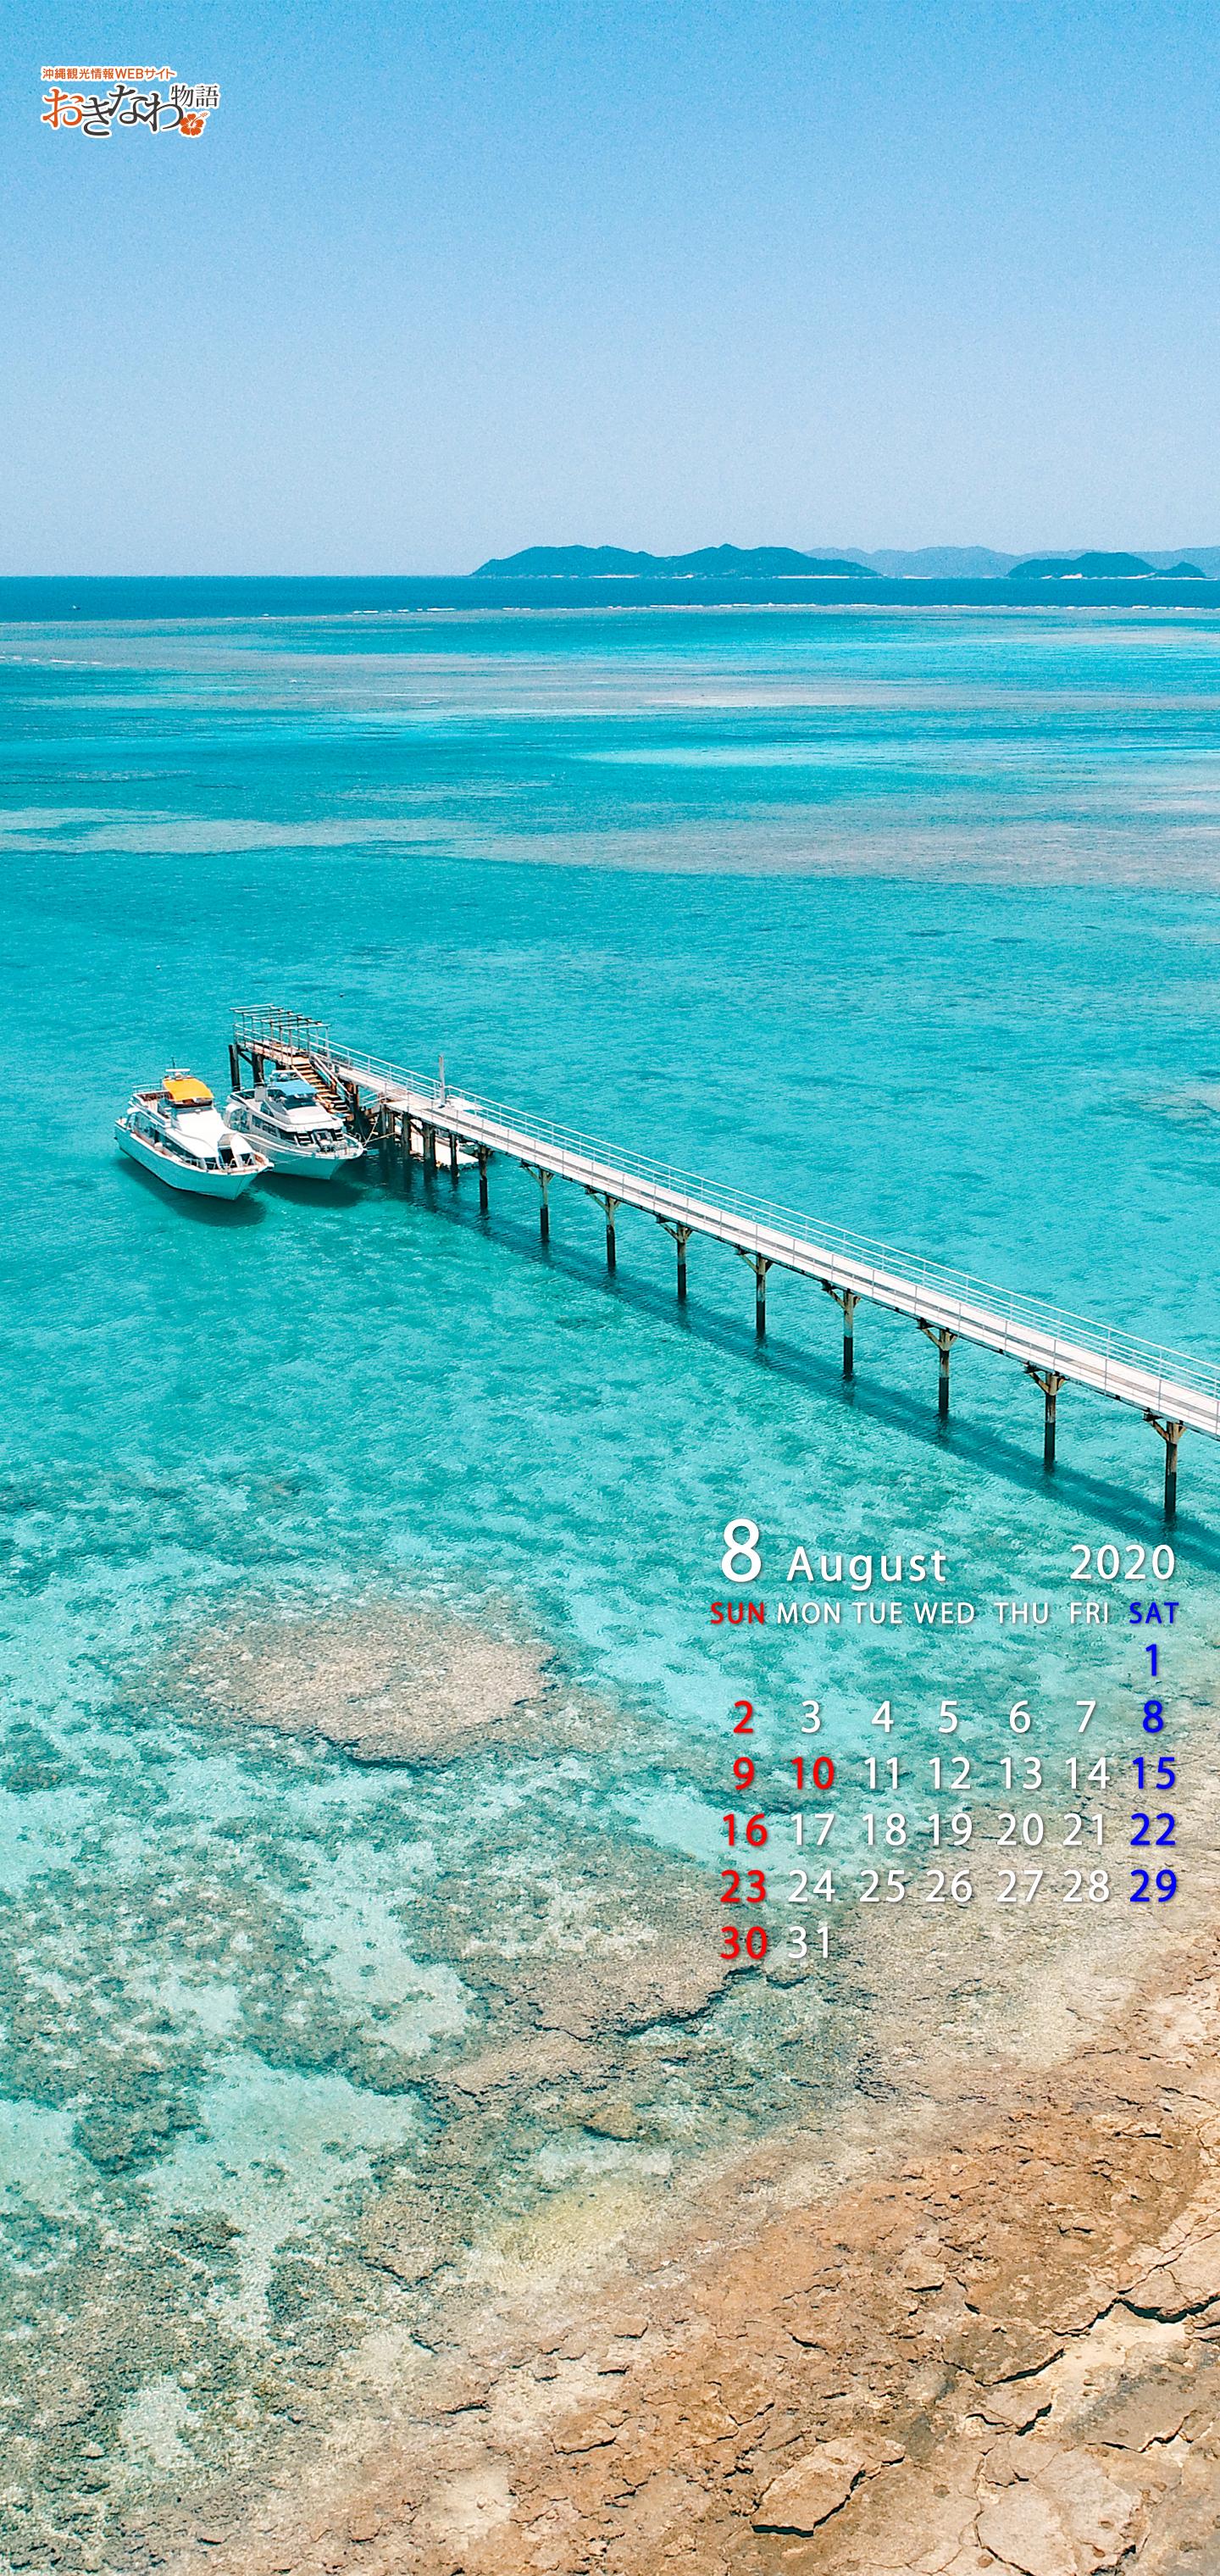 8月の壁紙カレンダー お知らせ トピックス 沖縄観光情報webサイト おきなわ物語